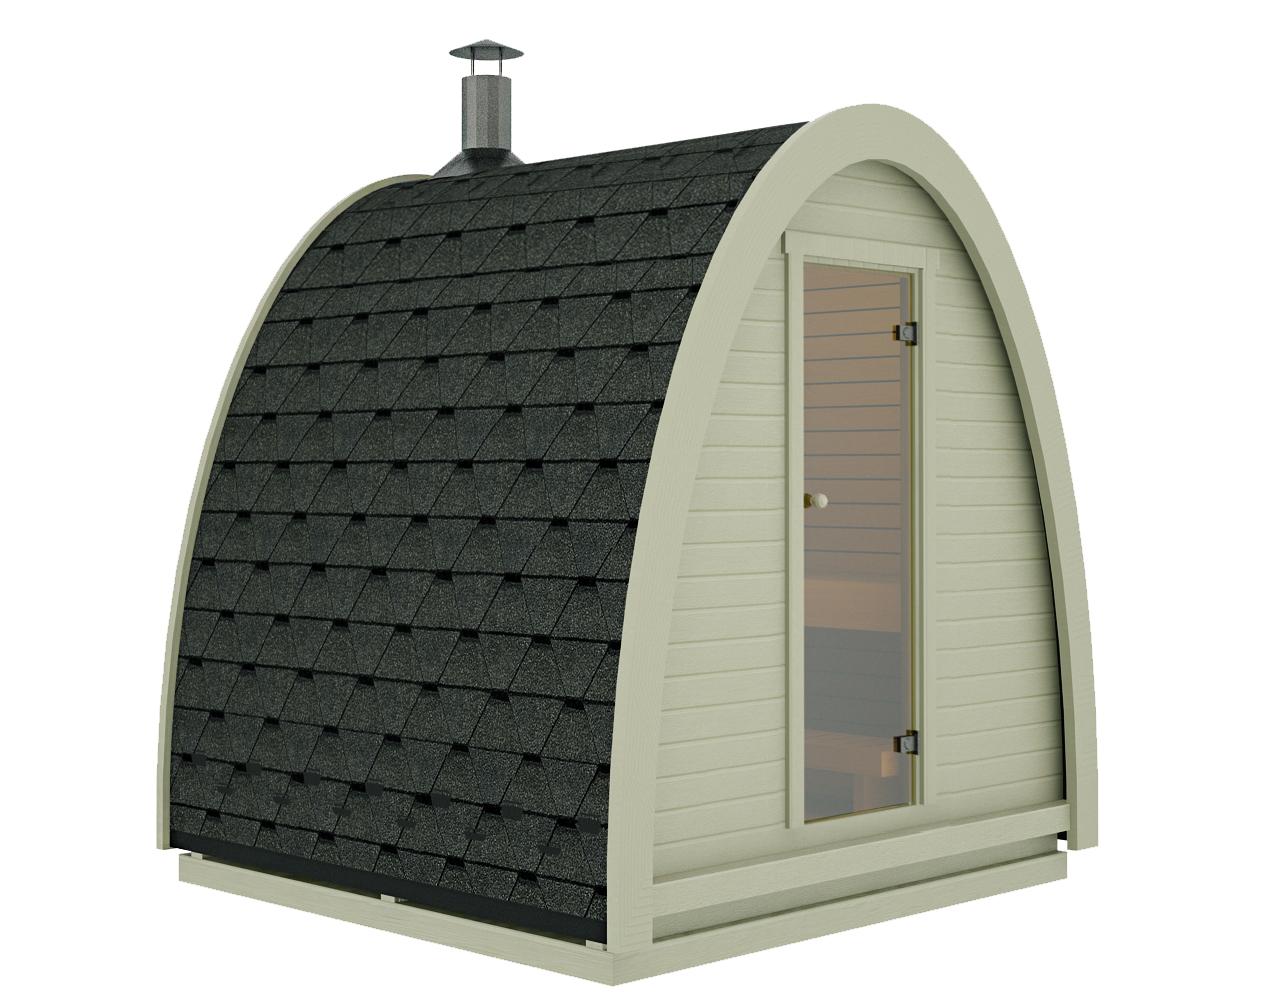 Full Size of Gartensauna Bausatz Mini Sauna Pod Fr Kleine Grten Wahlweise Mit Oder Ohne Ofen Wohnzimmer Gartensauna Bausatz